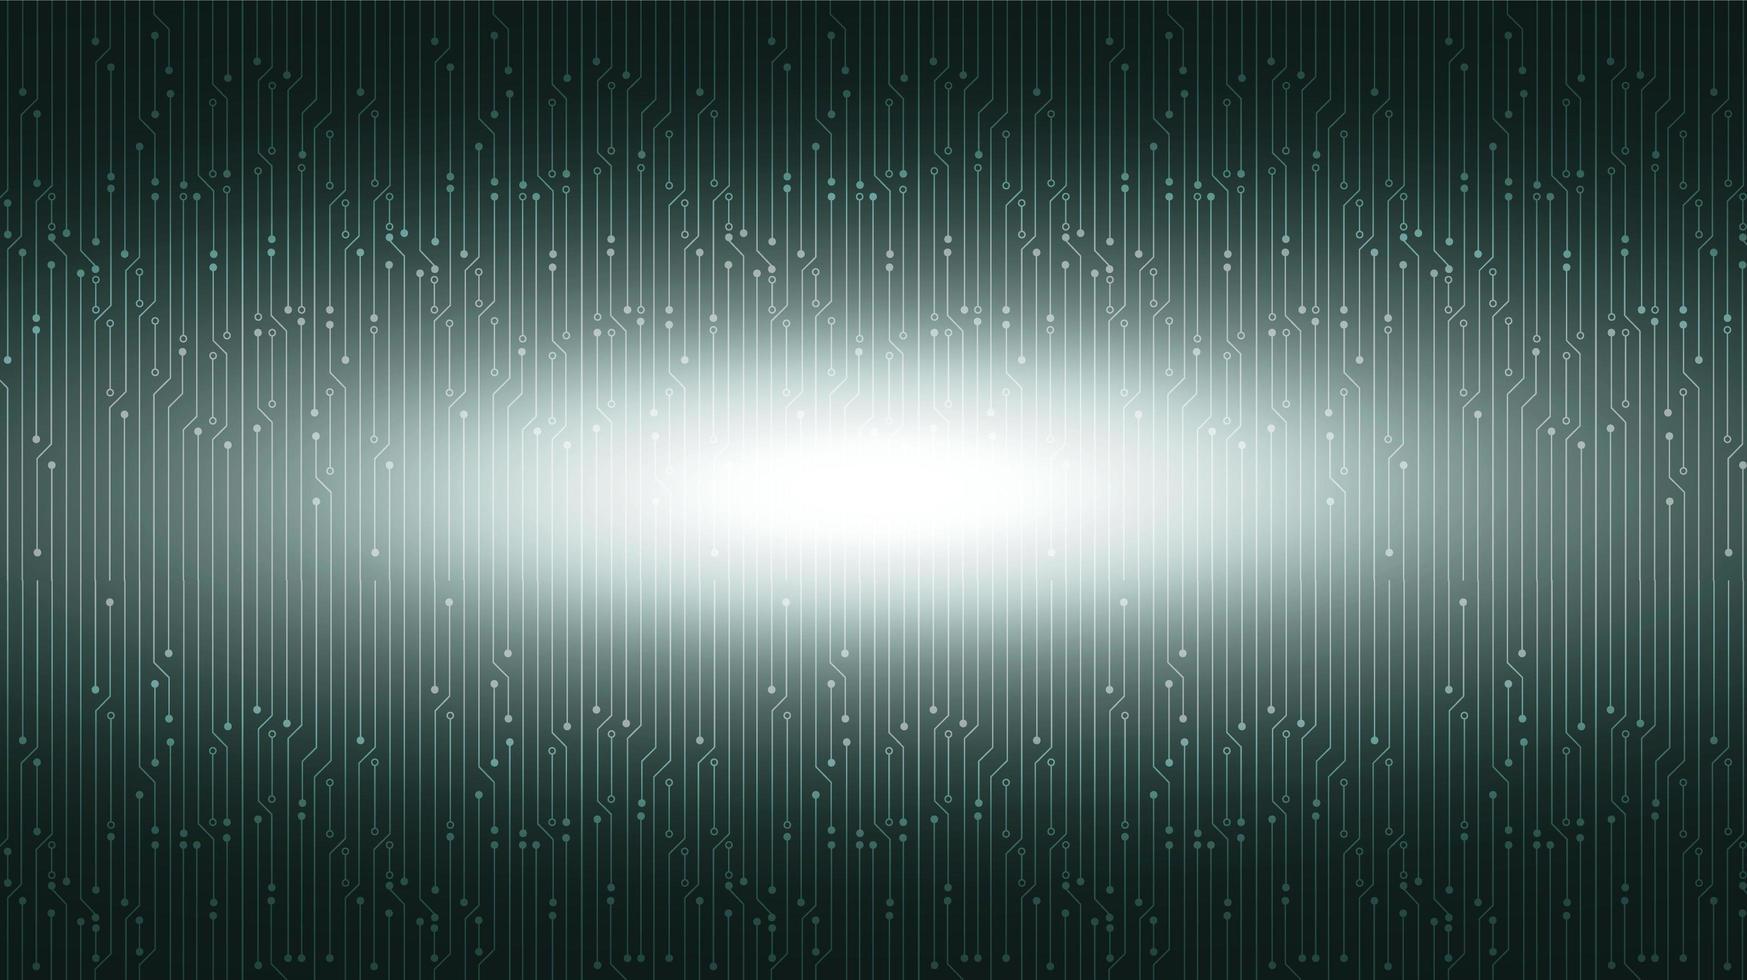 fond de technologie de lumière verte, conception de concept numérique et de communication de haute technologie, espace libre pour le texte vecteur